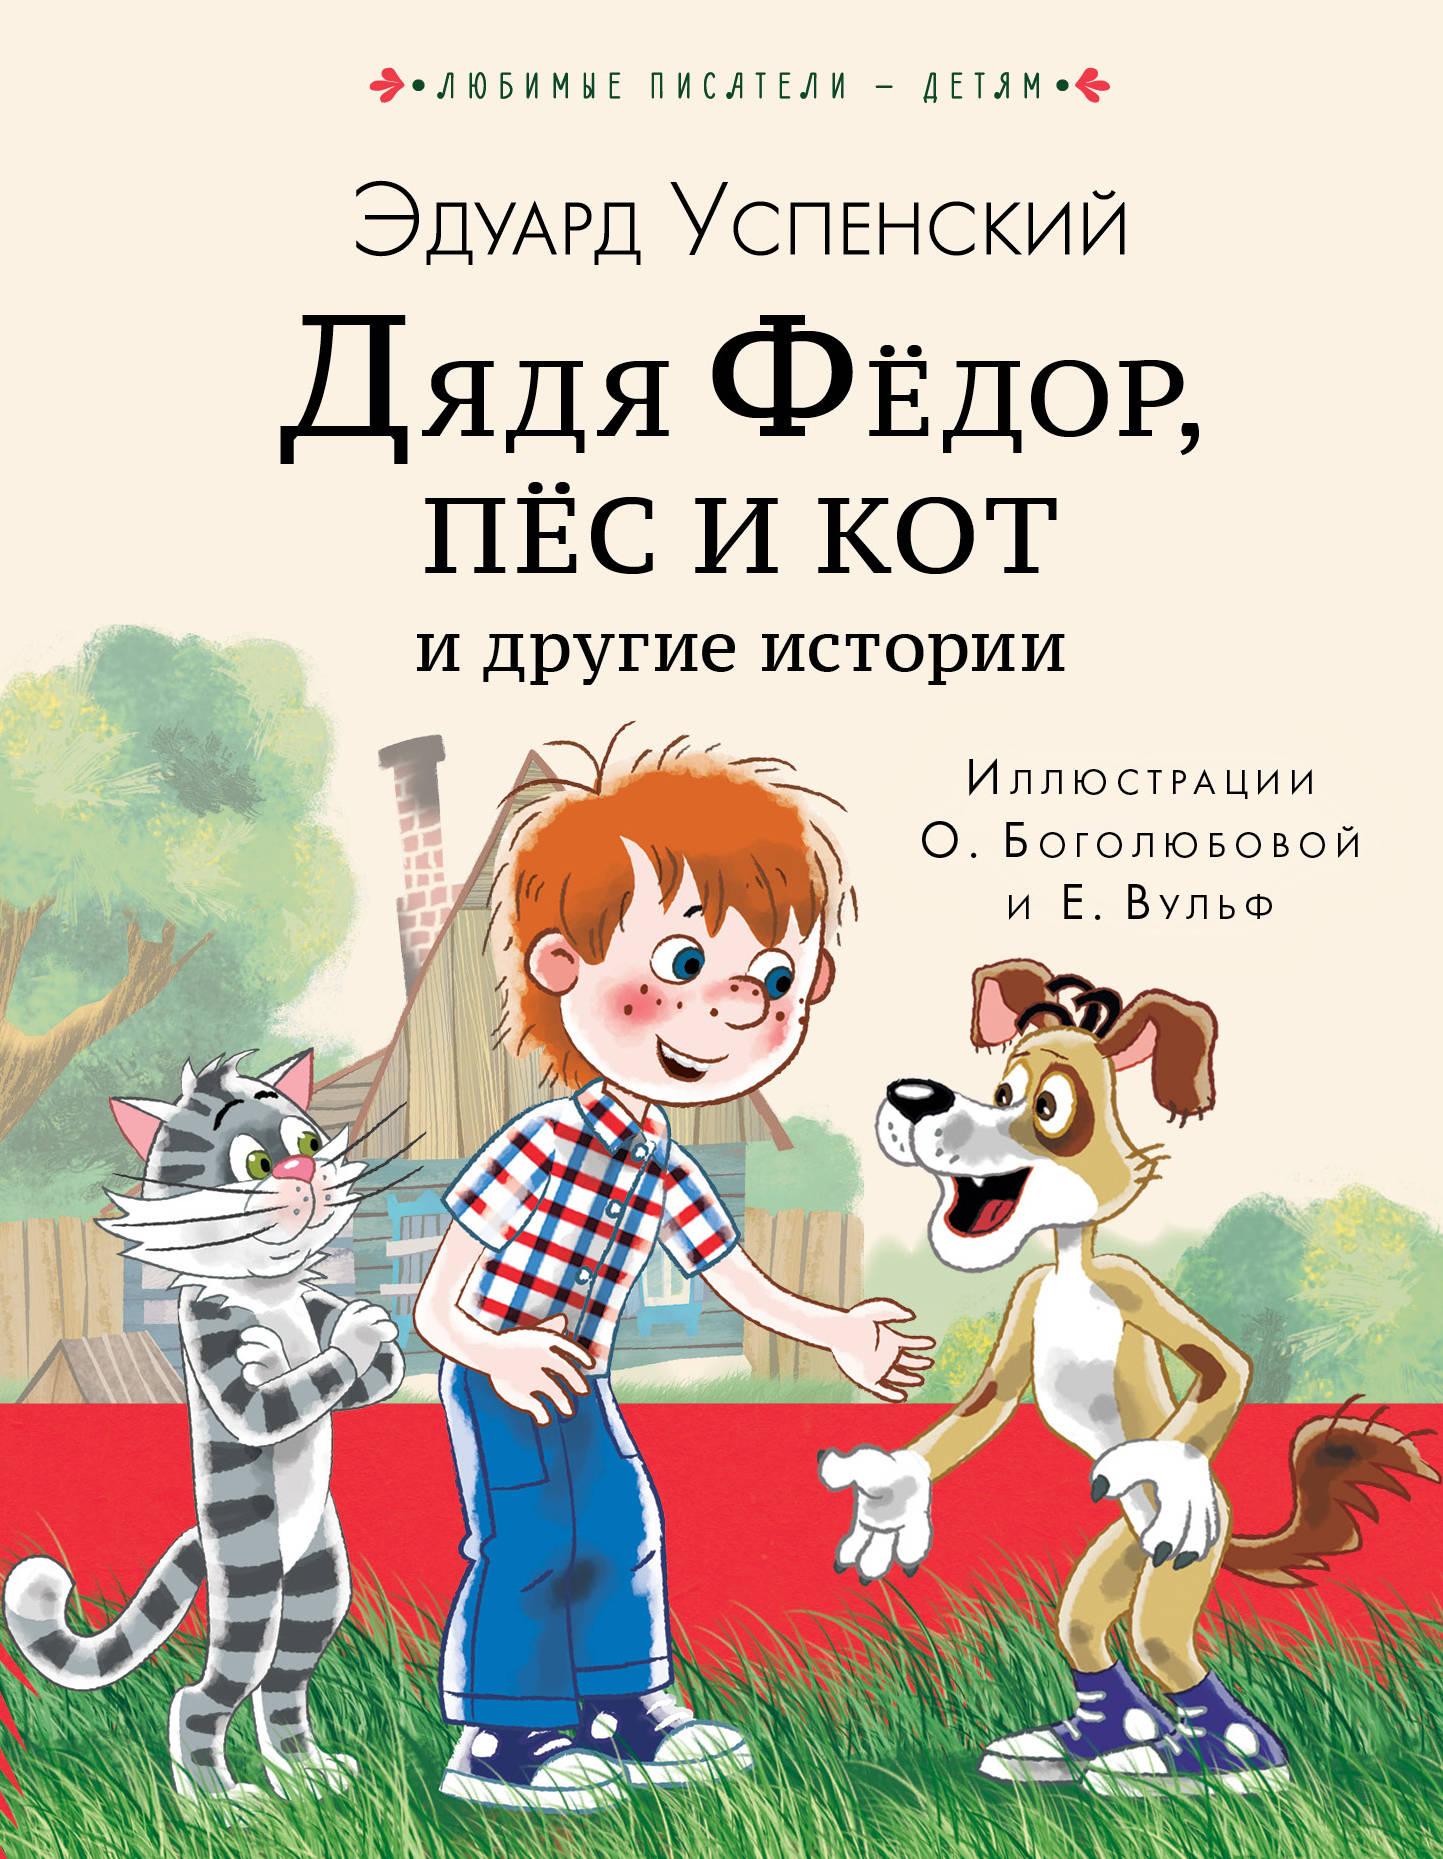 Дядя Федор, пес и кот и другие истории